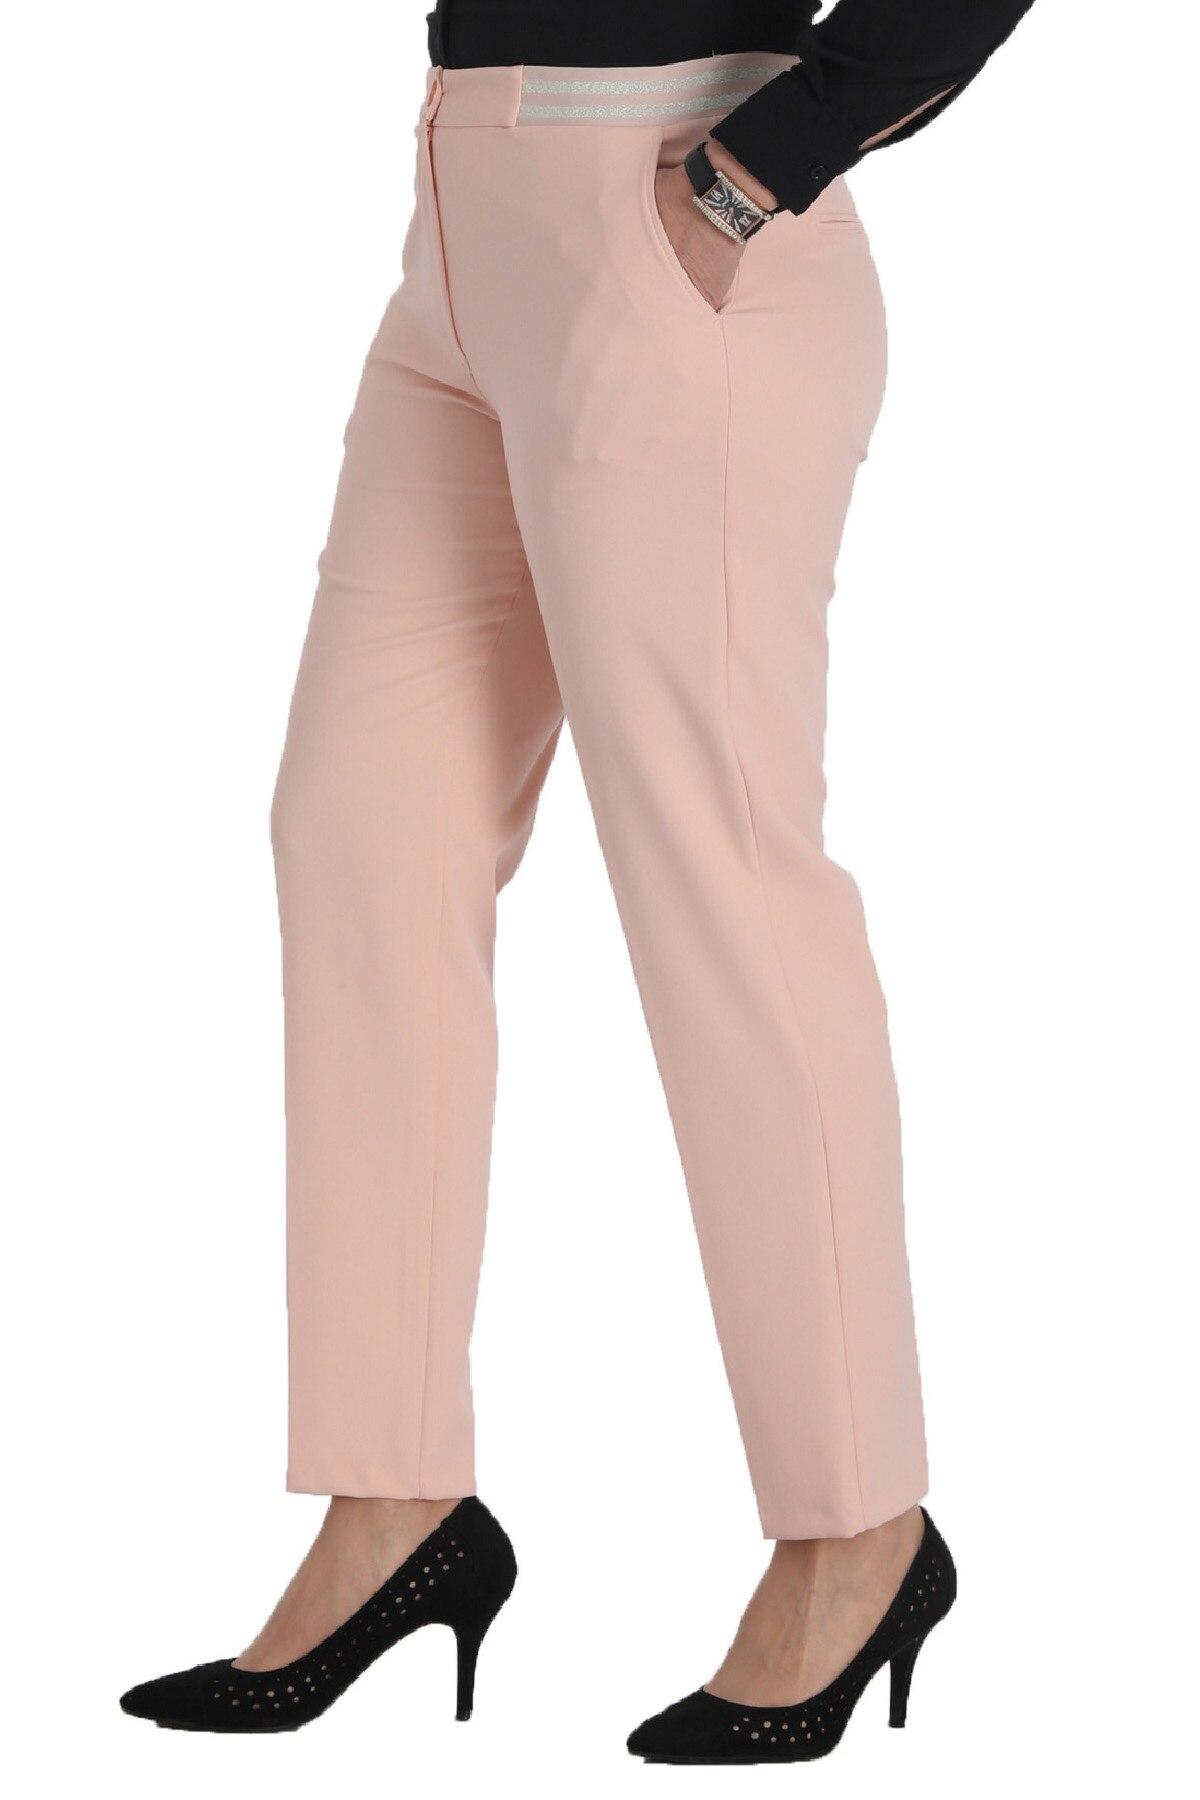 Calças femininas 2020 diário casual molde elegante plus size calças de pano bolsos de escritório elegante cintura alta nova temporada feita na turquia